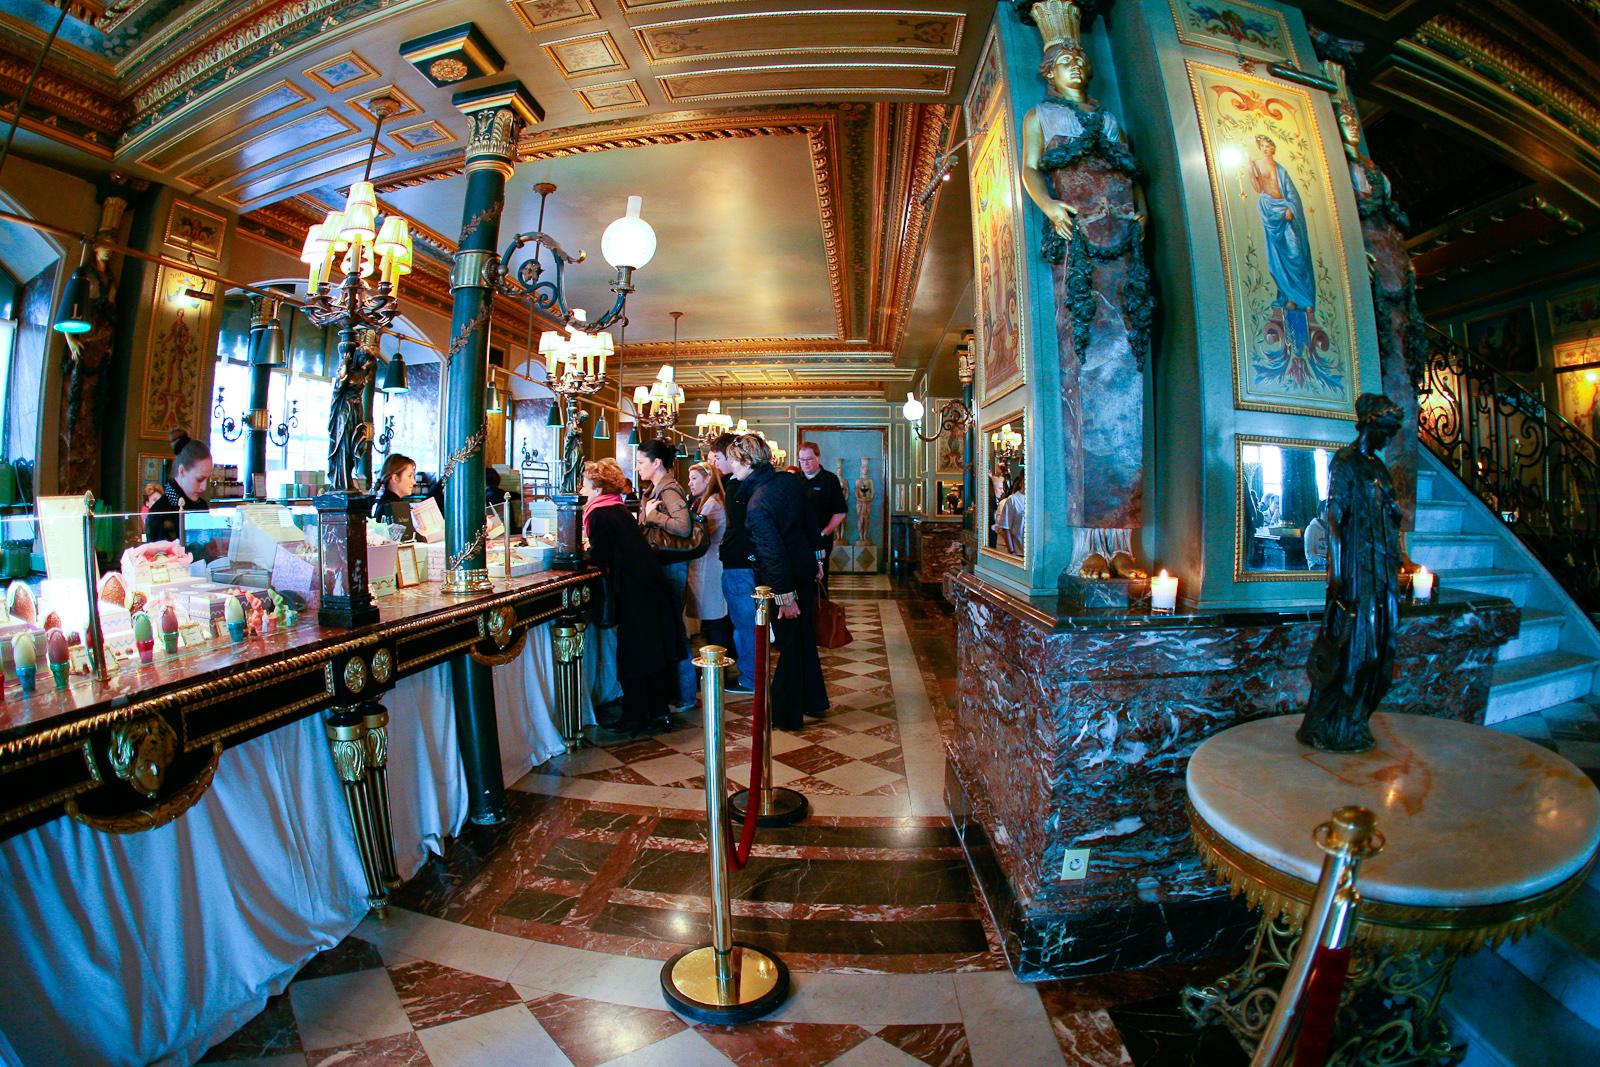 Interior of Ladurée, Champs Élysées